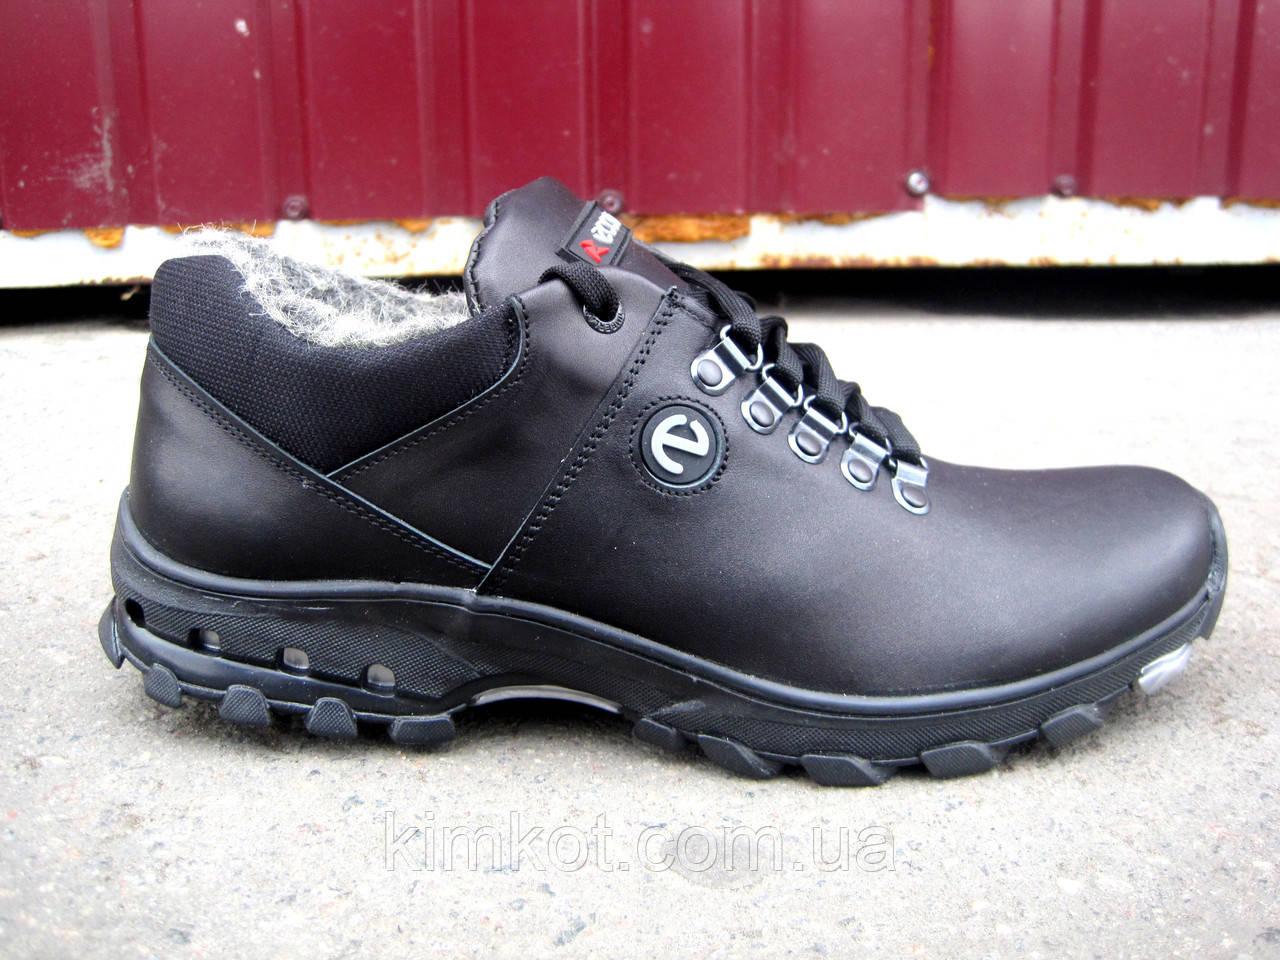 632d60650 Зимние кожаные мужские кроссовки Ессо 40-45 р-р: продажа, цена в ...